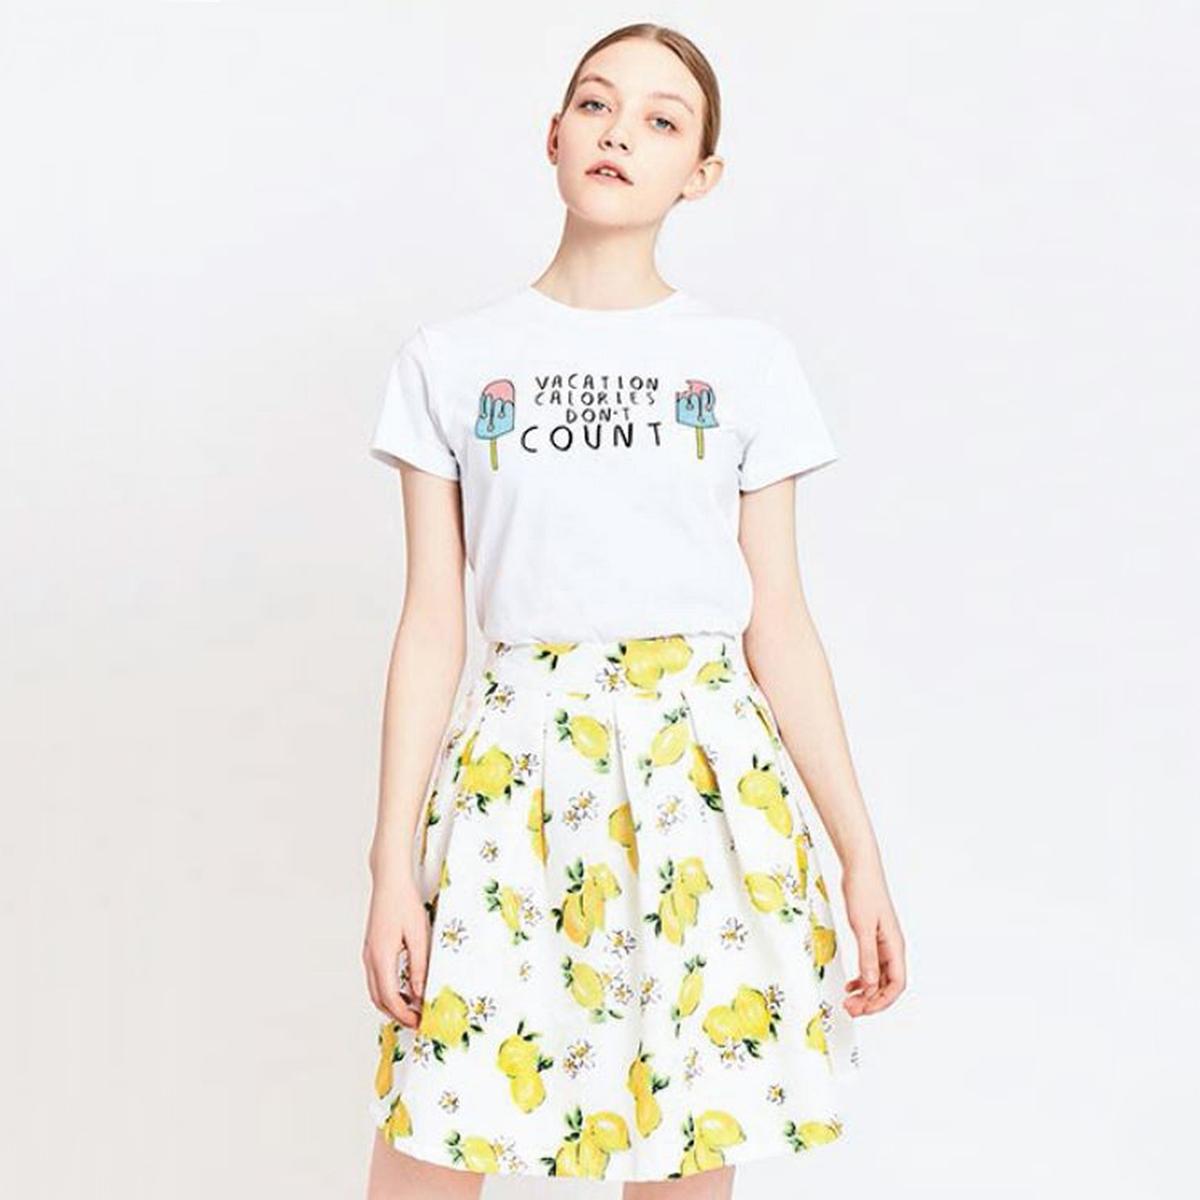 Юбка с рисунком лимонМатериал : 100% полиэстер  Рисунок : принт Длина юбки : короткая<br><br>Цвет: рисунок/желтый<br>Размер: M